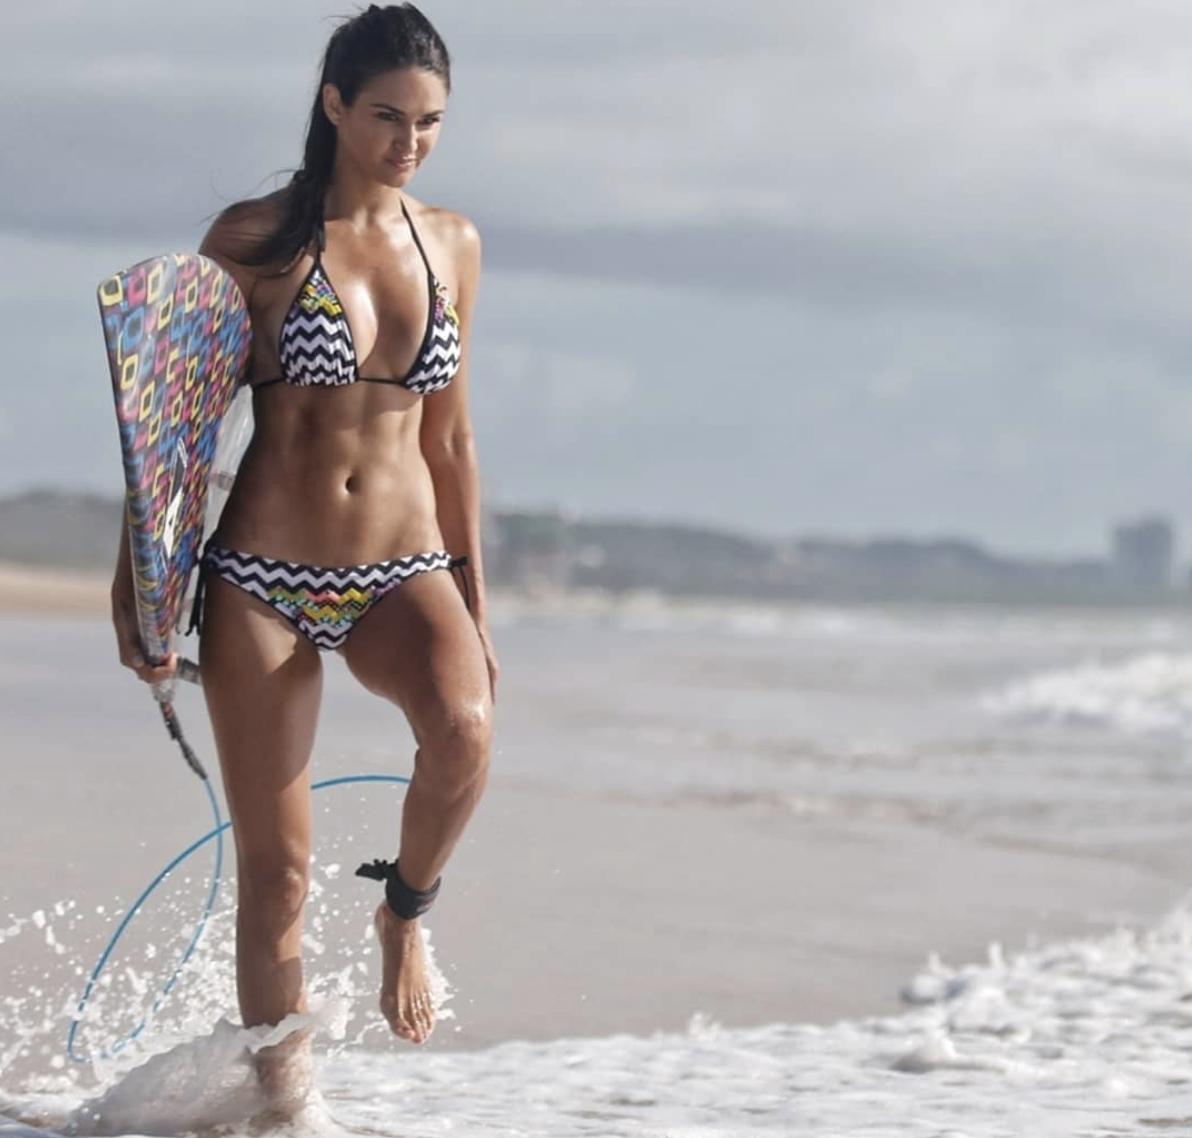 Bikini Leryn Franco nudes (54 photo), Sexy, Cleavage, Boobs, butt 2018